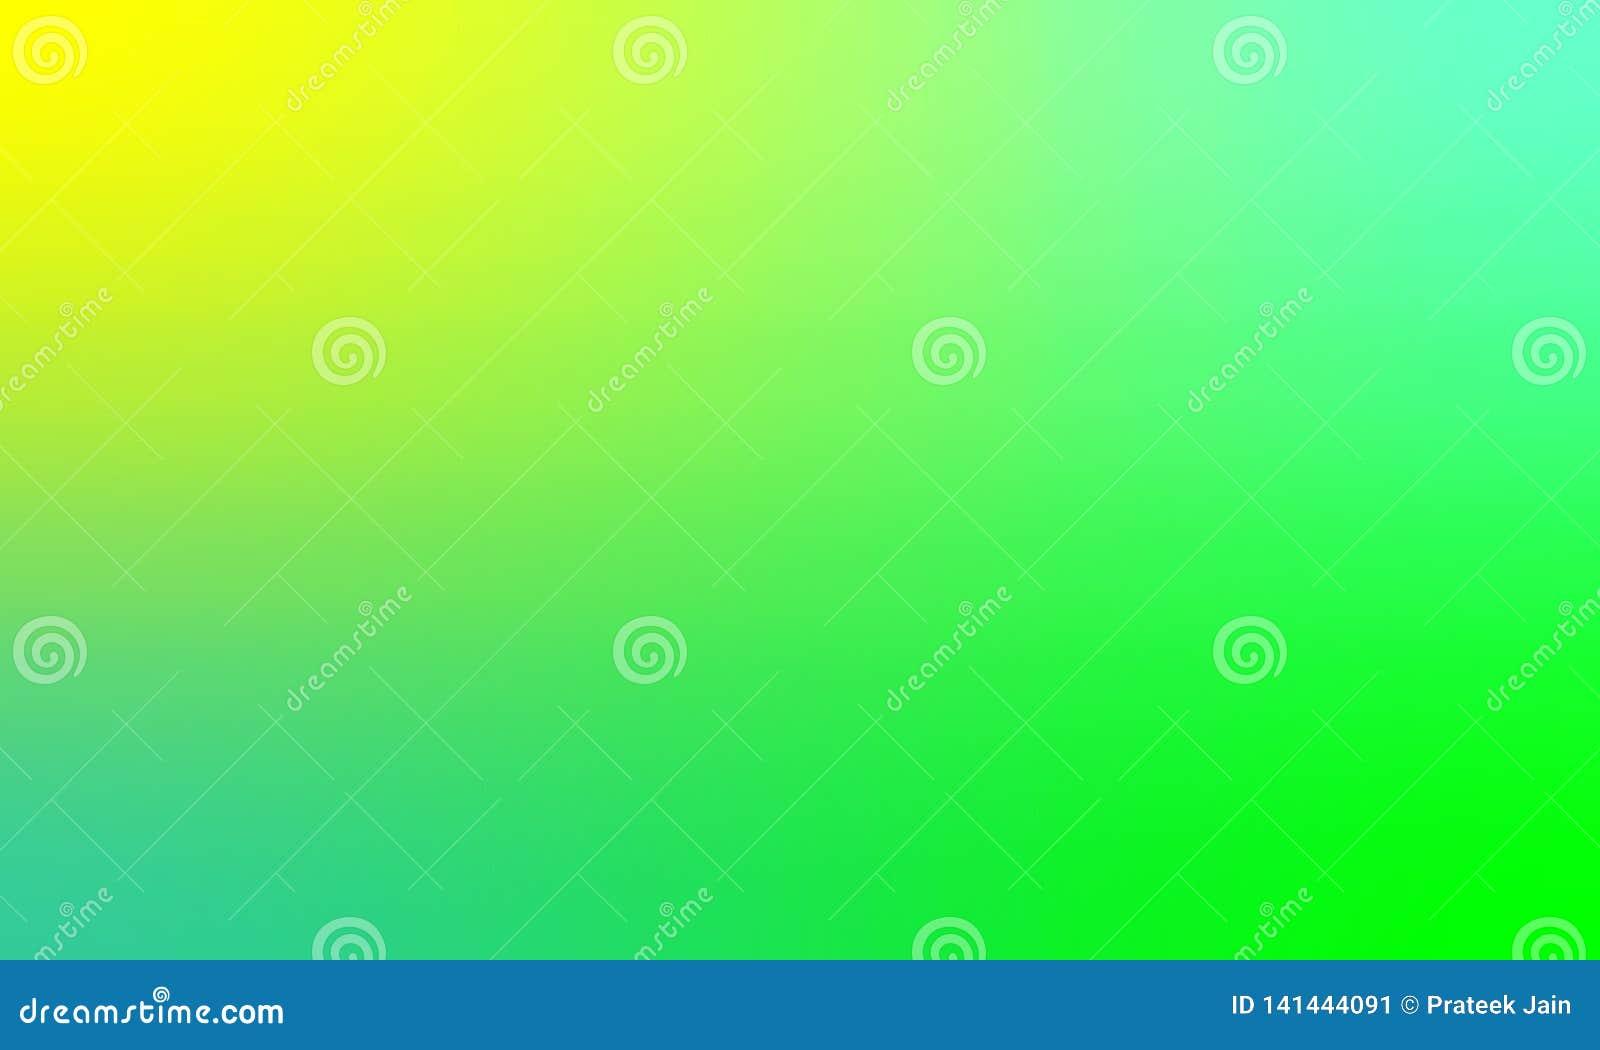 Diseño colorido del vector del fondo de la textura de la falta de definición, fondo sombreado borroso colorido, ejemplo vivo del